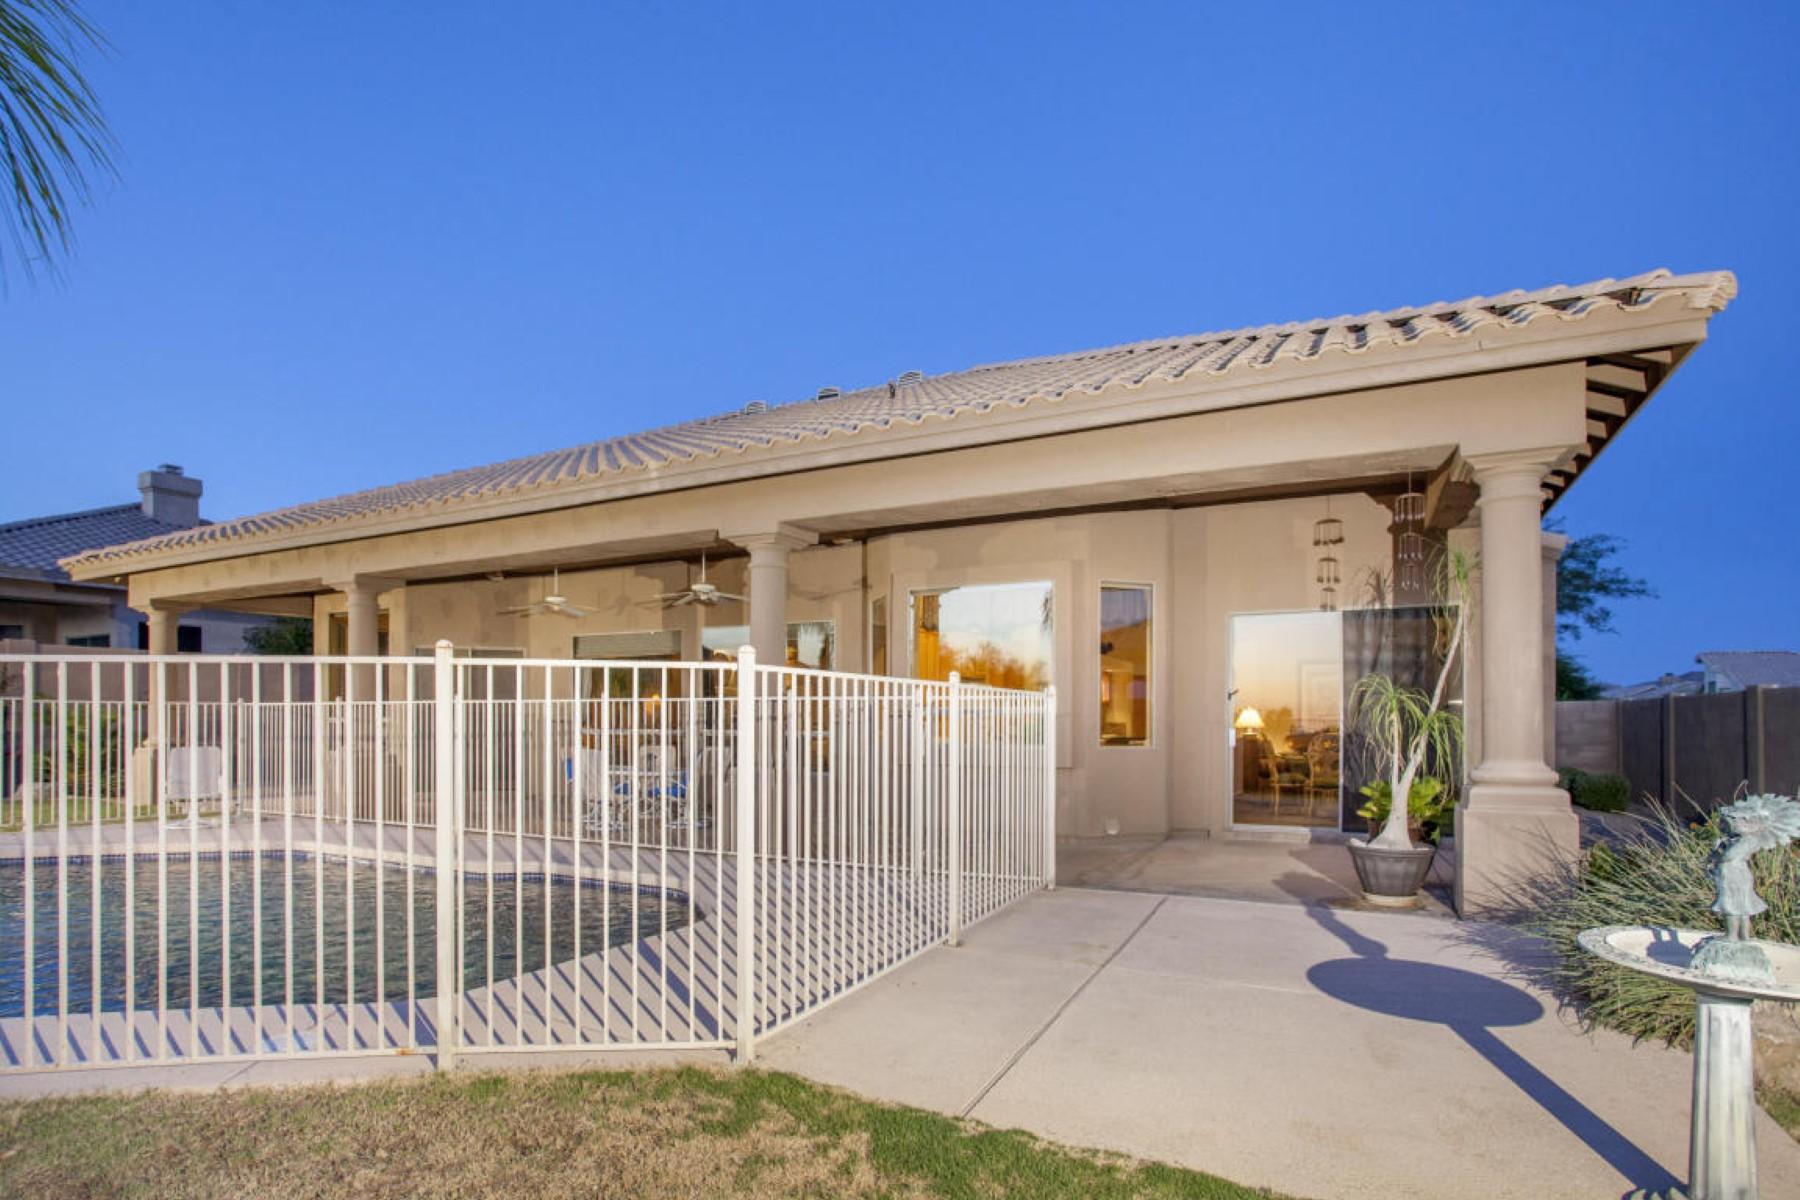 Nhà ở một gia đình vì Bán tại Highly desirable Sonoran Heights of Scottsdale 11966 N 125TH ST Scottsdale, Arizona 85259 Hoa Kỳ